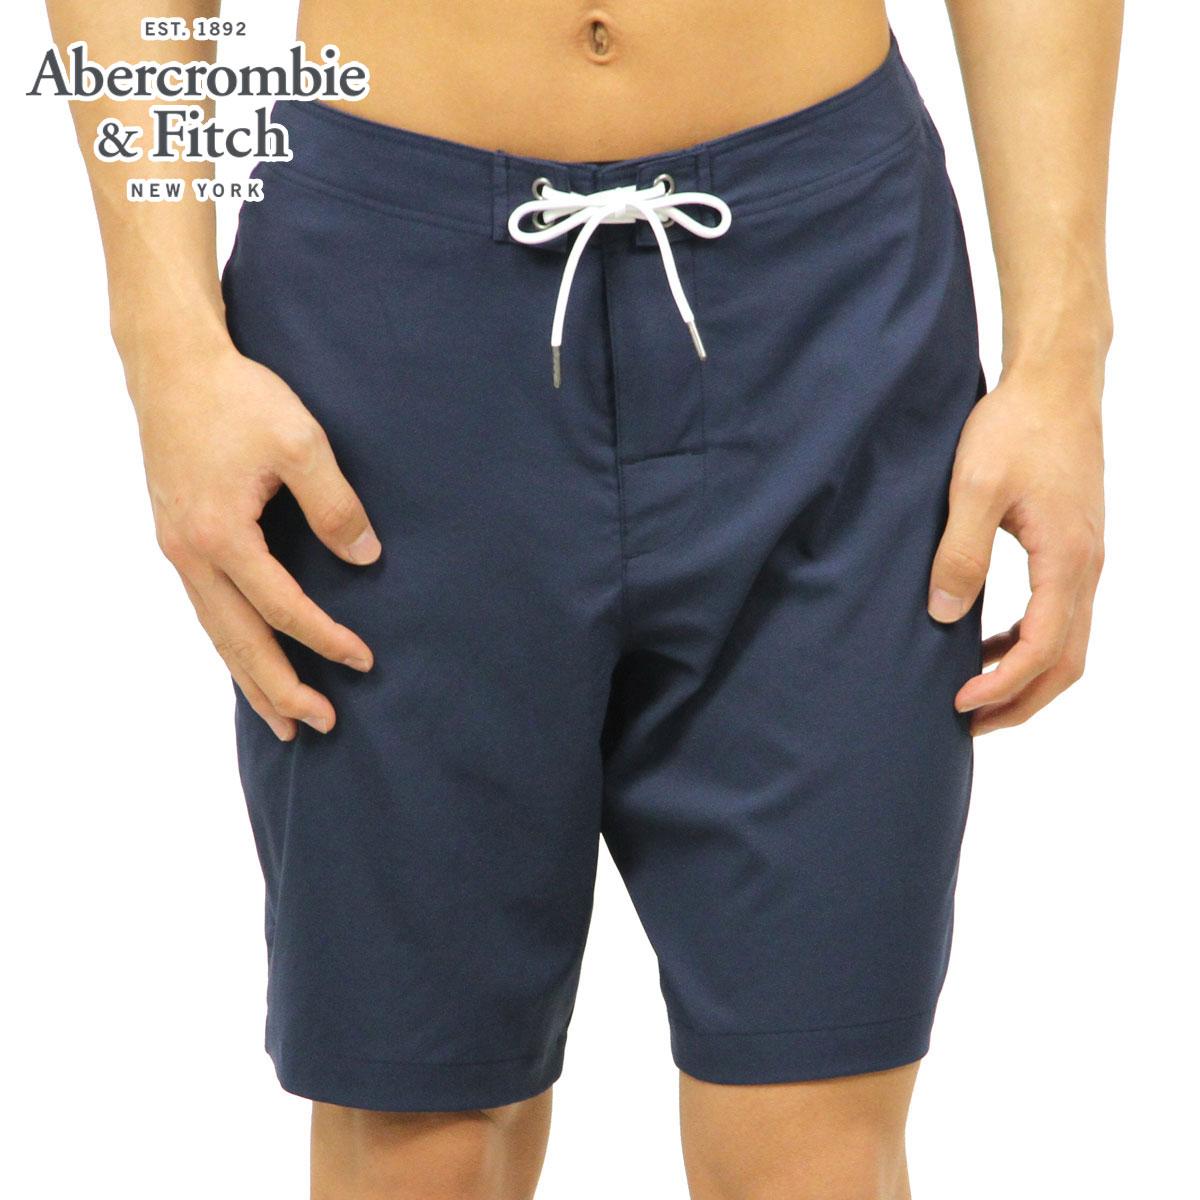 【販売期間 1/9 10:00~1/16 09:59】 アバクロ 水着 メンズ 正規品 Abercrombie&Fitch スイムパンツ CLASSIC BOARDSHORTS LONG-LENGTH 133-350-0560-200